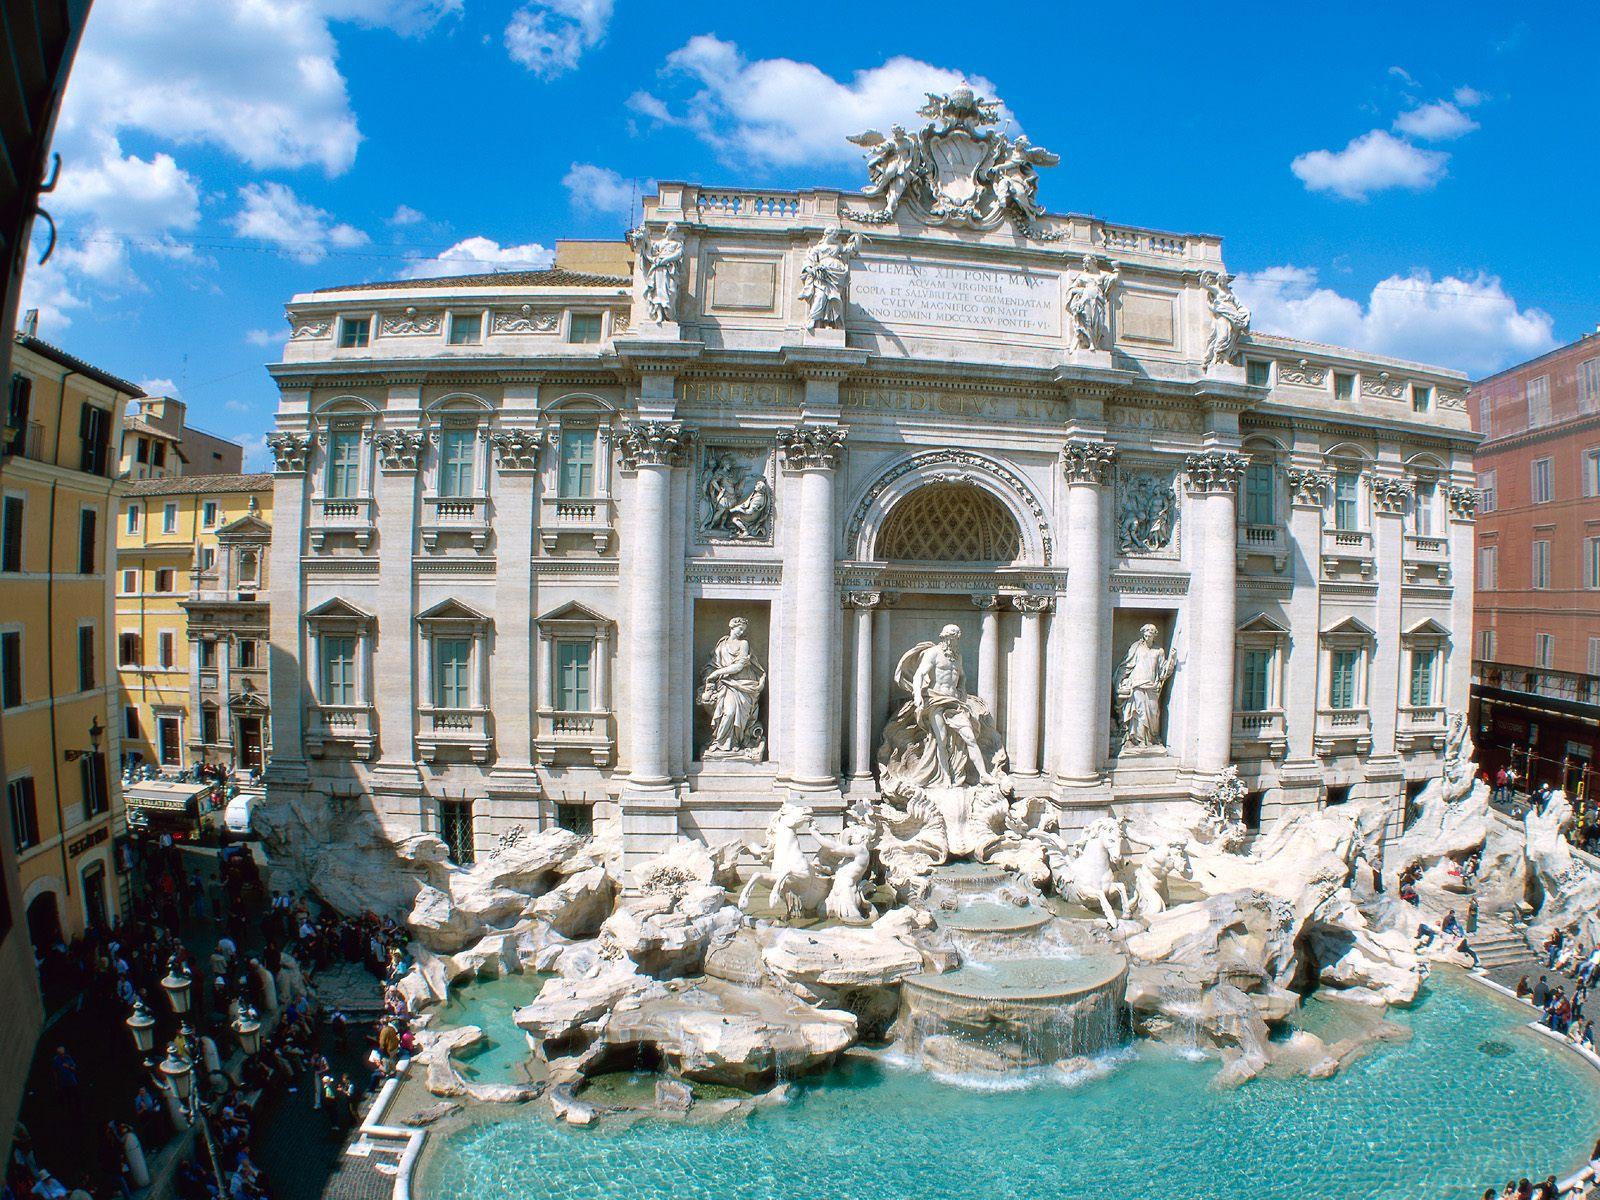 http://3.bp.blogspot.com/-MX23AL9MILw/Tcp43QTJ5rI/AAAAAAAACYQ/Y23YnTdsgxc/s1600/Trevi+Fountain%252C+Rome%252C+Italy.jpg